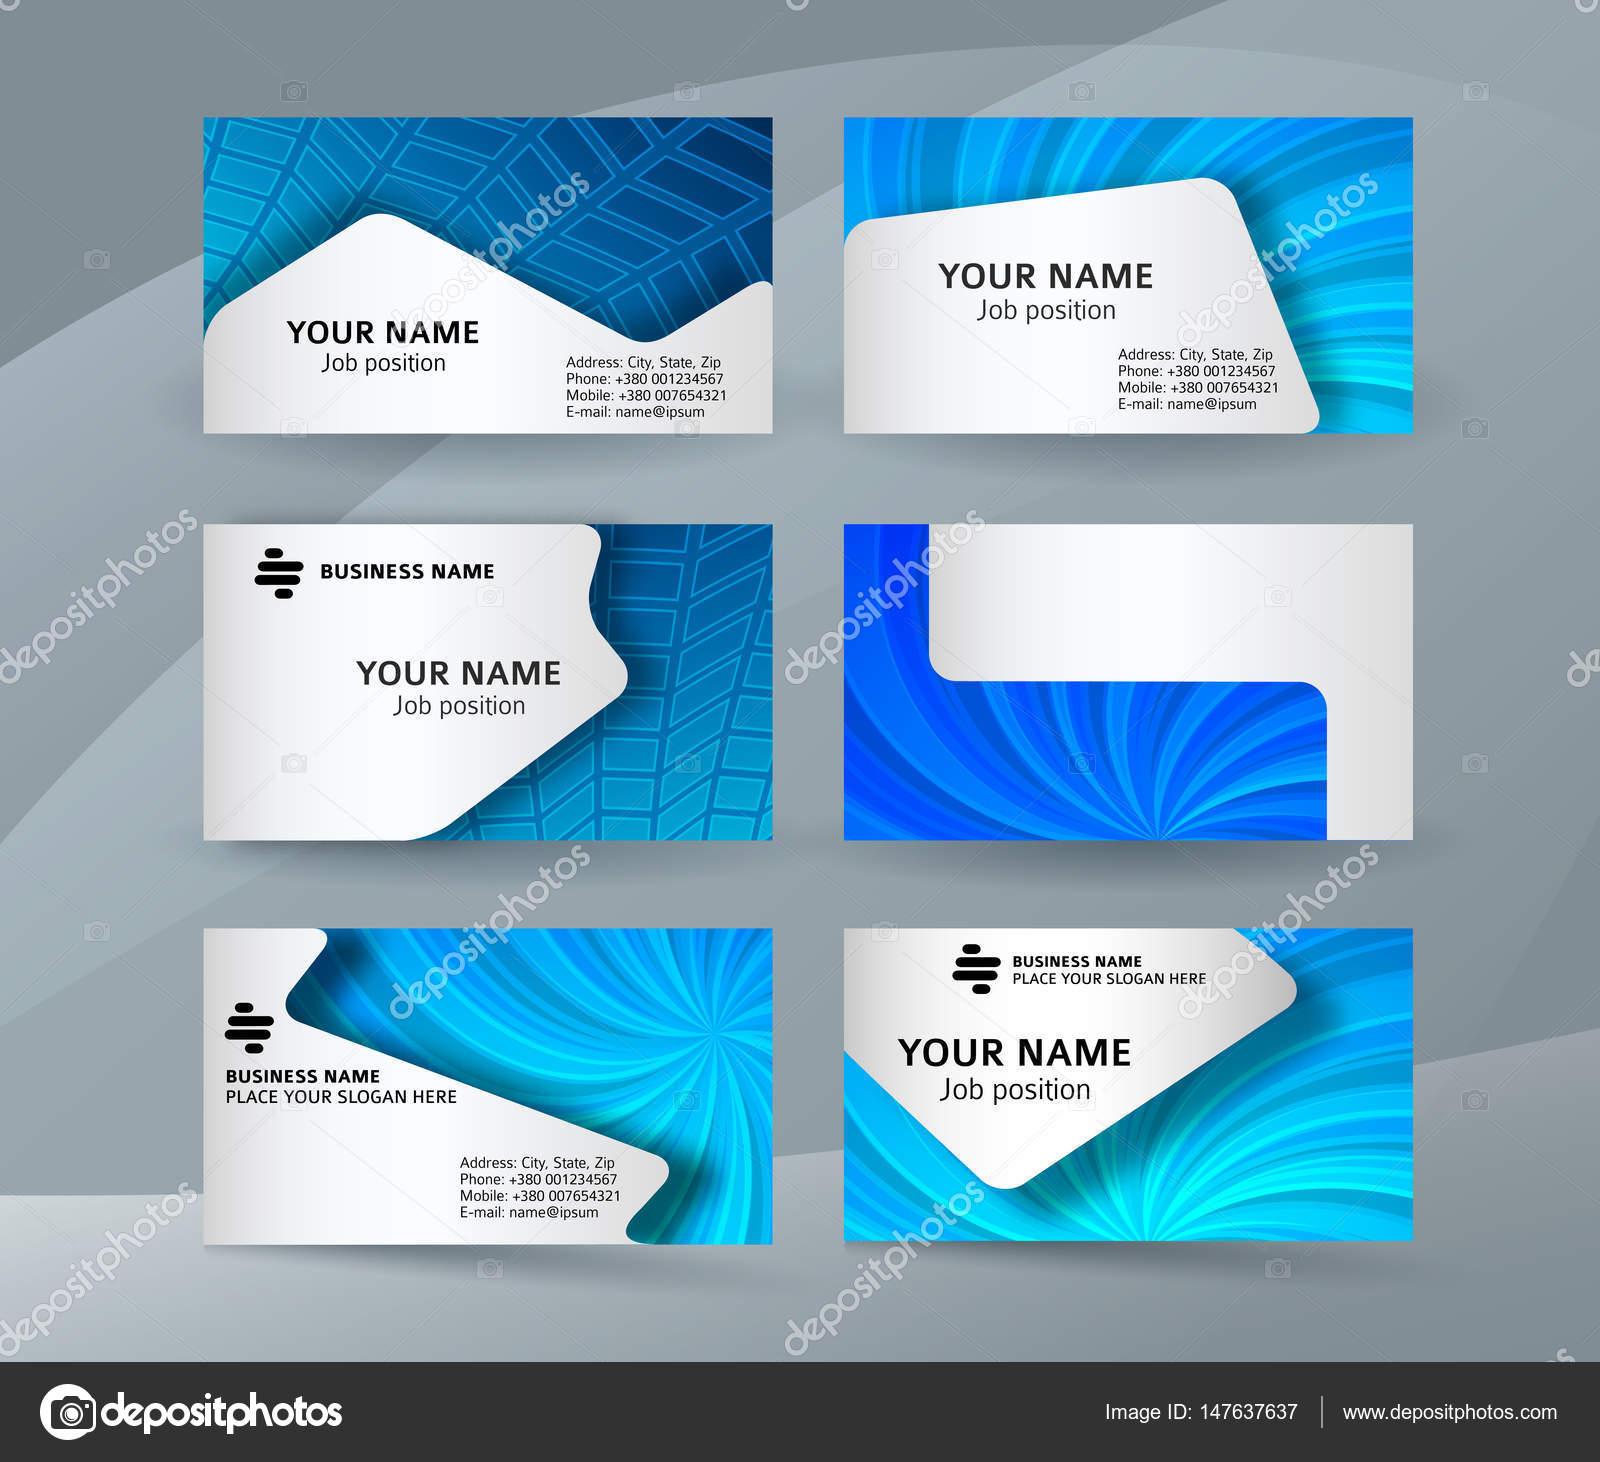 Fond De Carte Visite Bleu Jeu Templates02 Horizontale Image Vectorielle